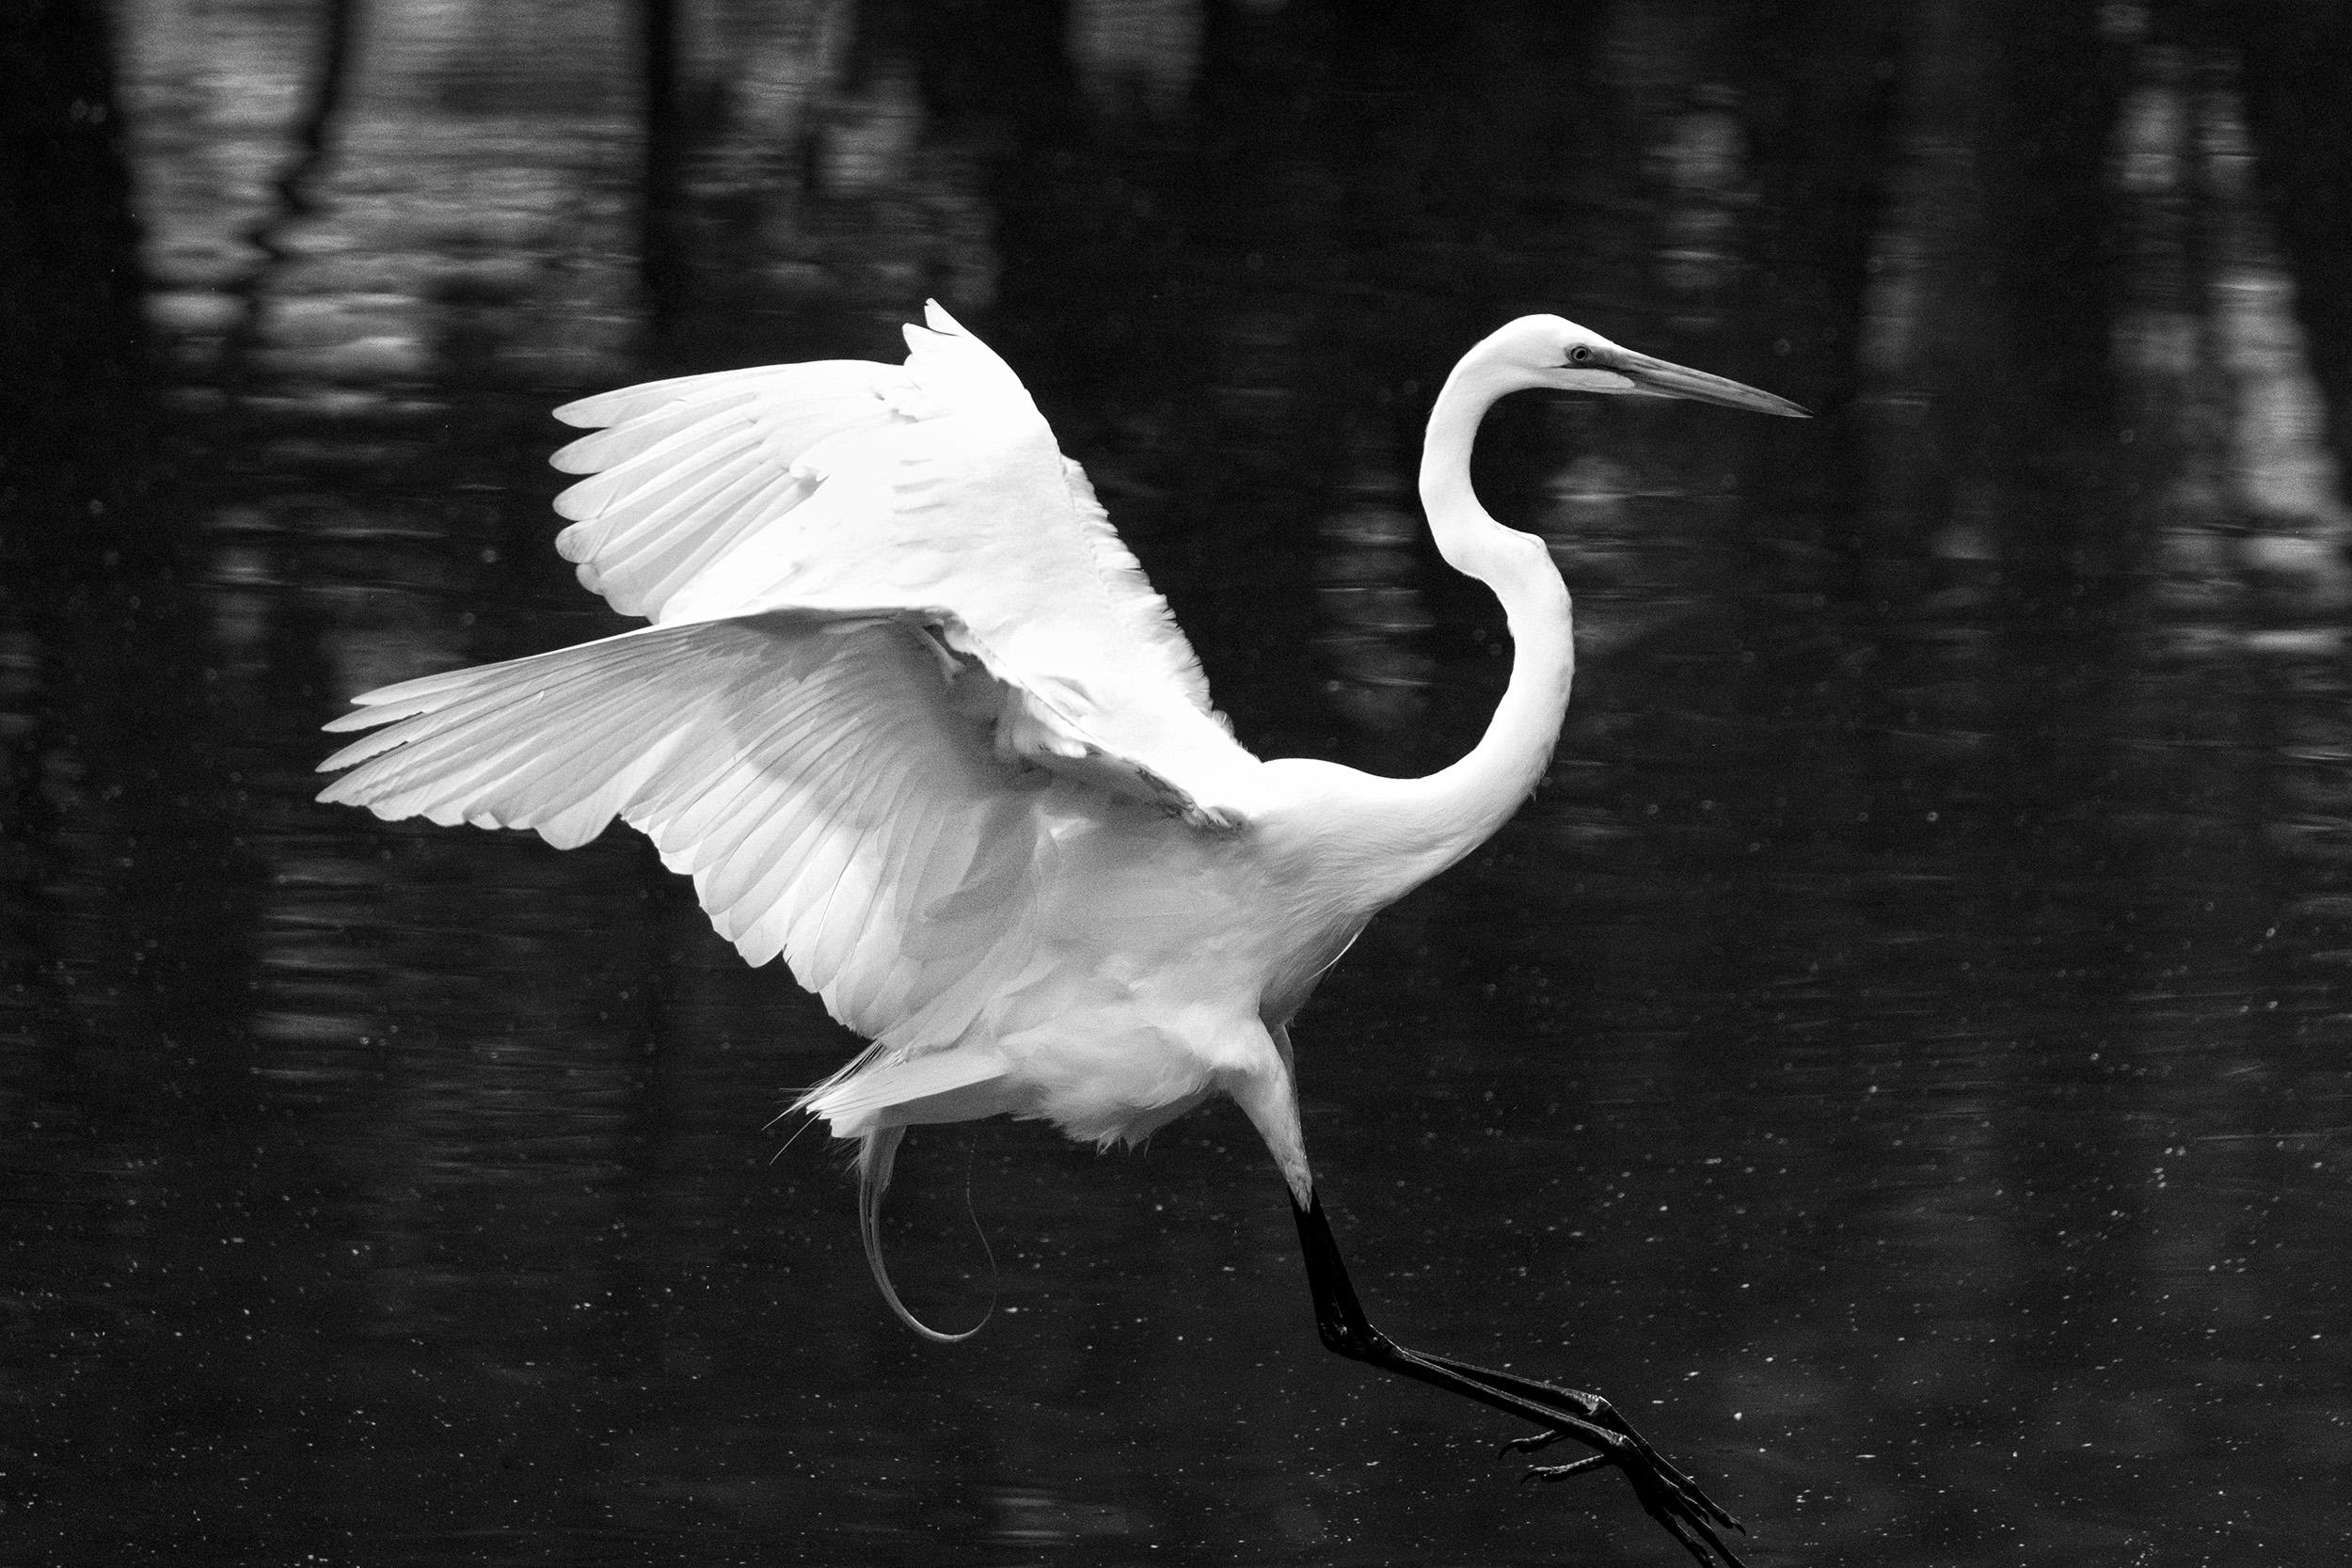 190518 Canal Birds XT2 223-1 bw.jpg